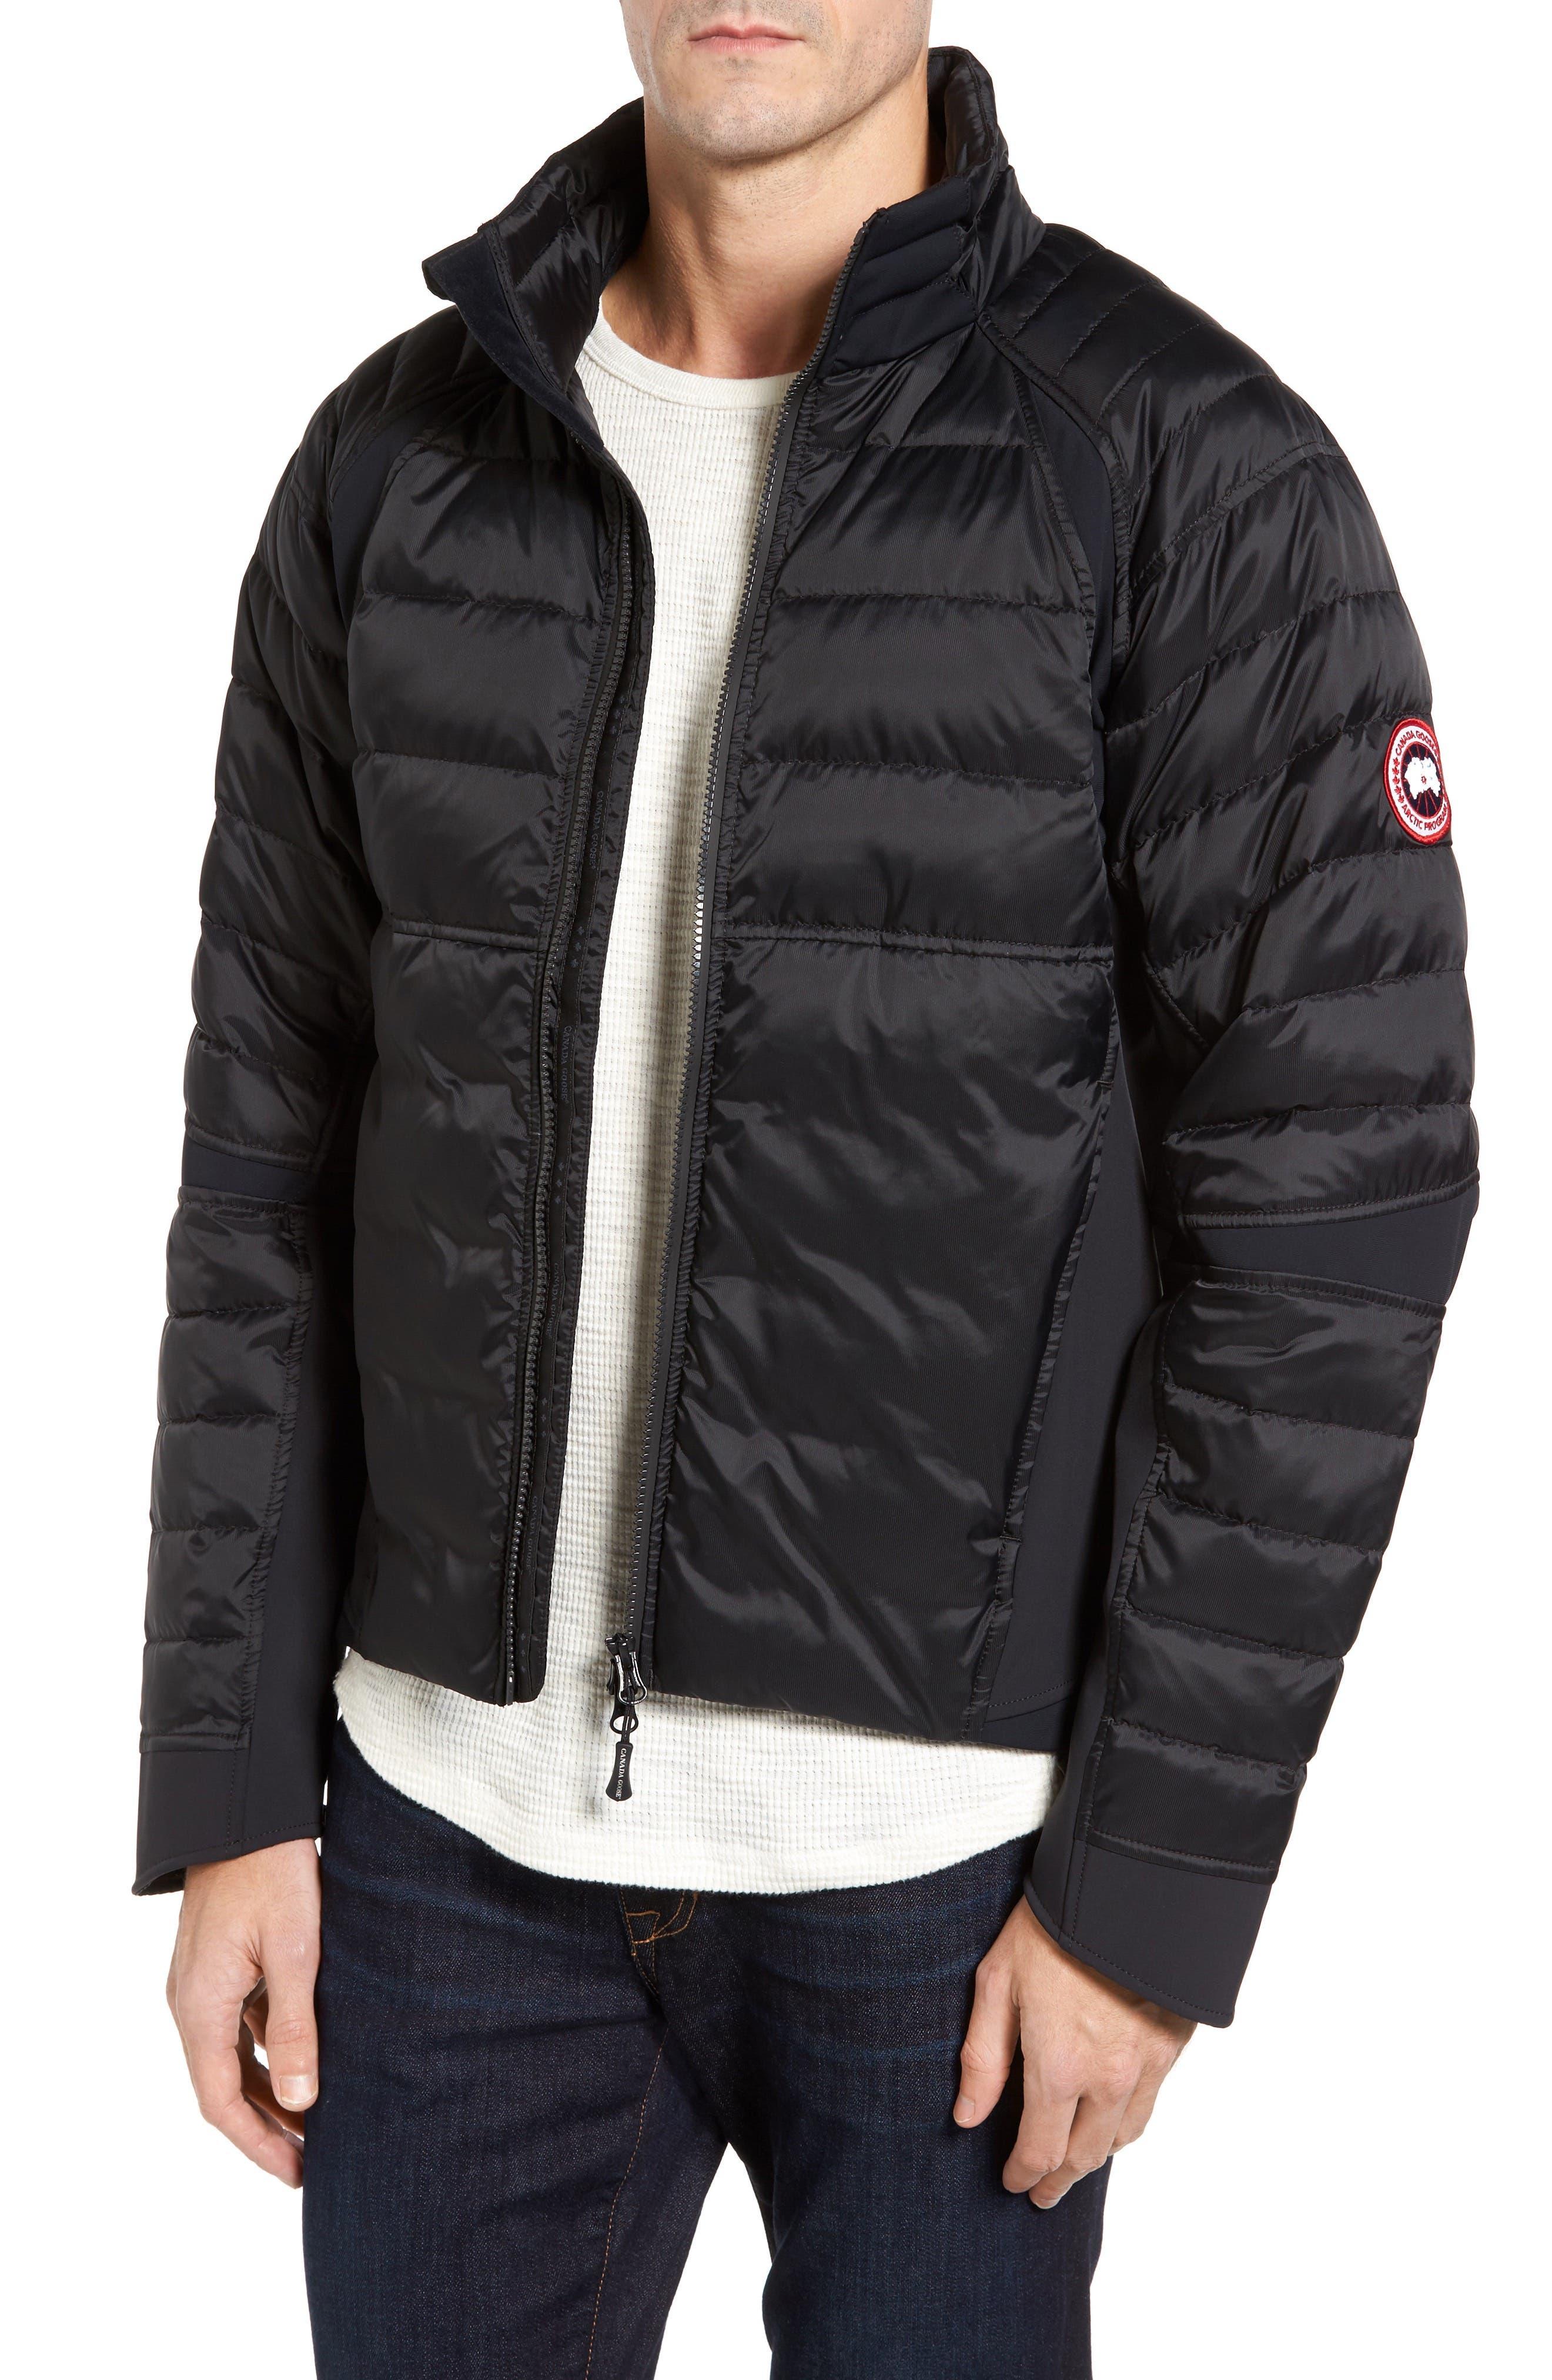 HyBridge Perren Packable Down Jacket,                             Main thumbnail 1, color,                             Black